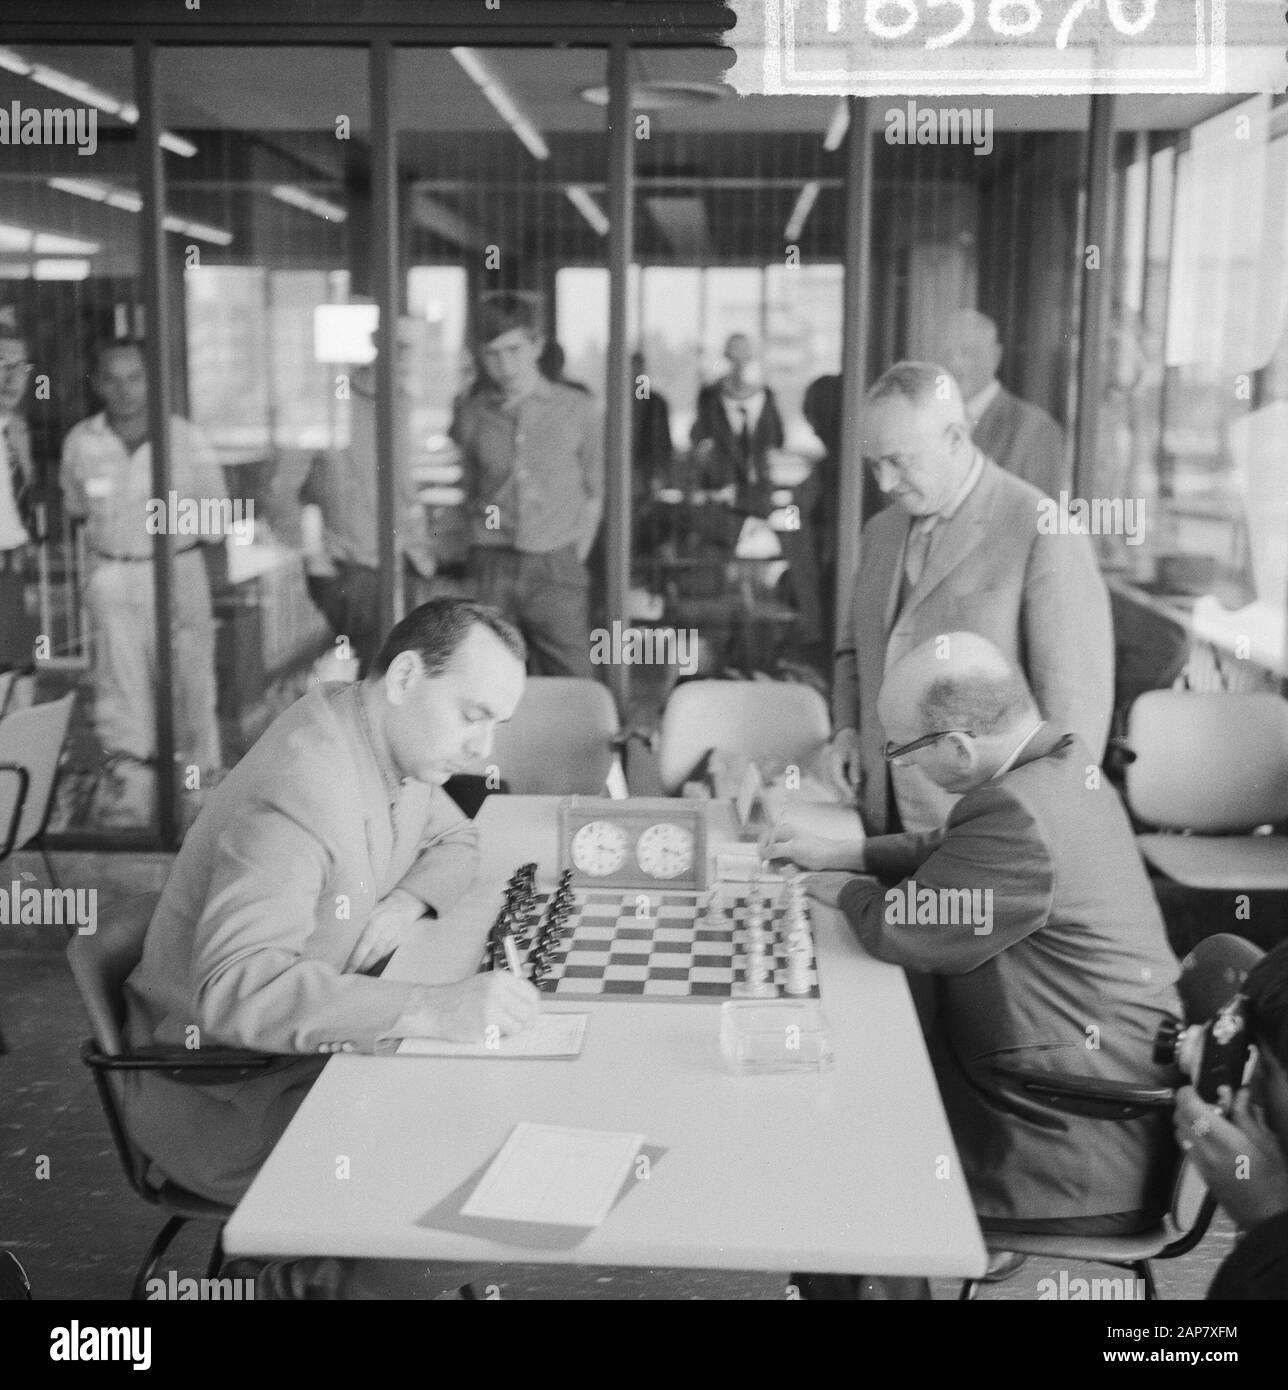 Ajedrez Decisioncompetition comenzó en GAK, Portisch a Reshevsky Fecha: 25 de junio de 1964 palabras clave: Nombre De La Institución CHESK: GAK Foto de stock